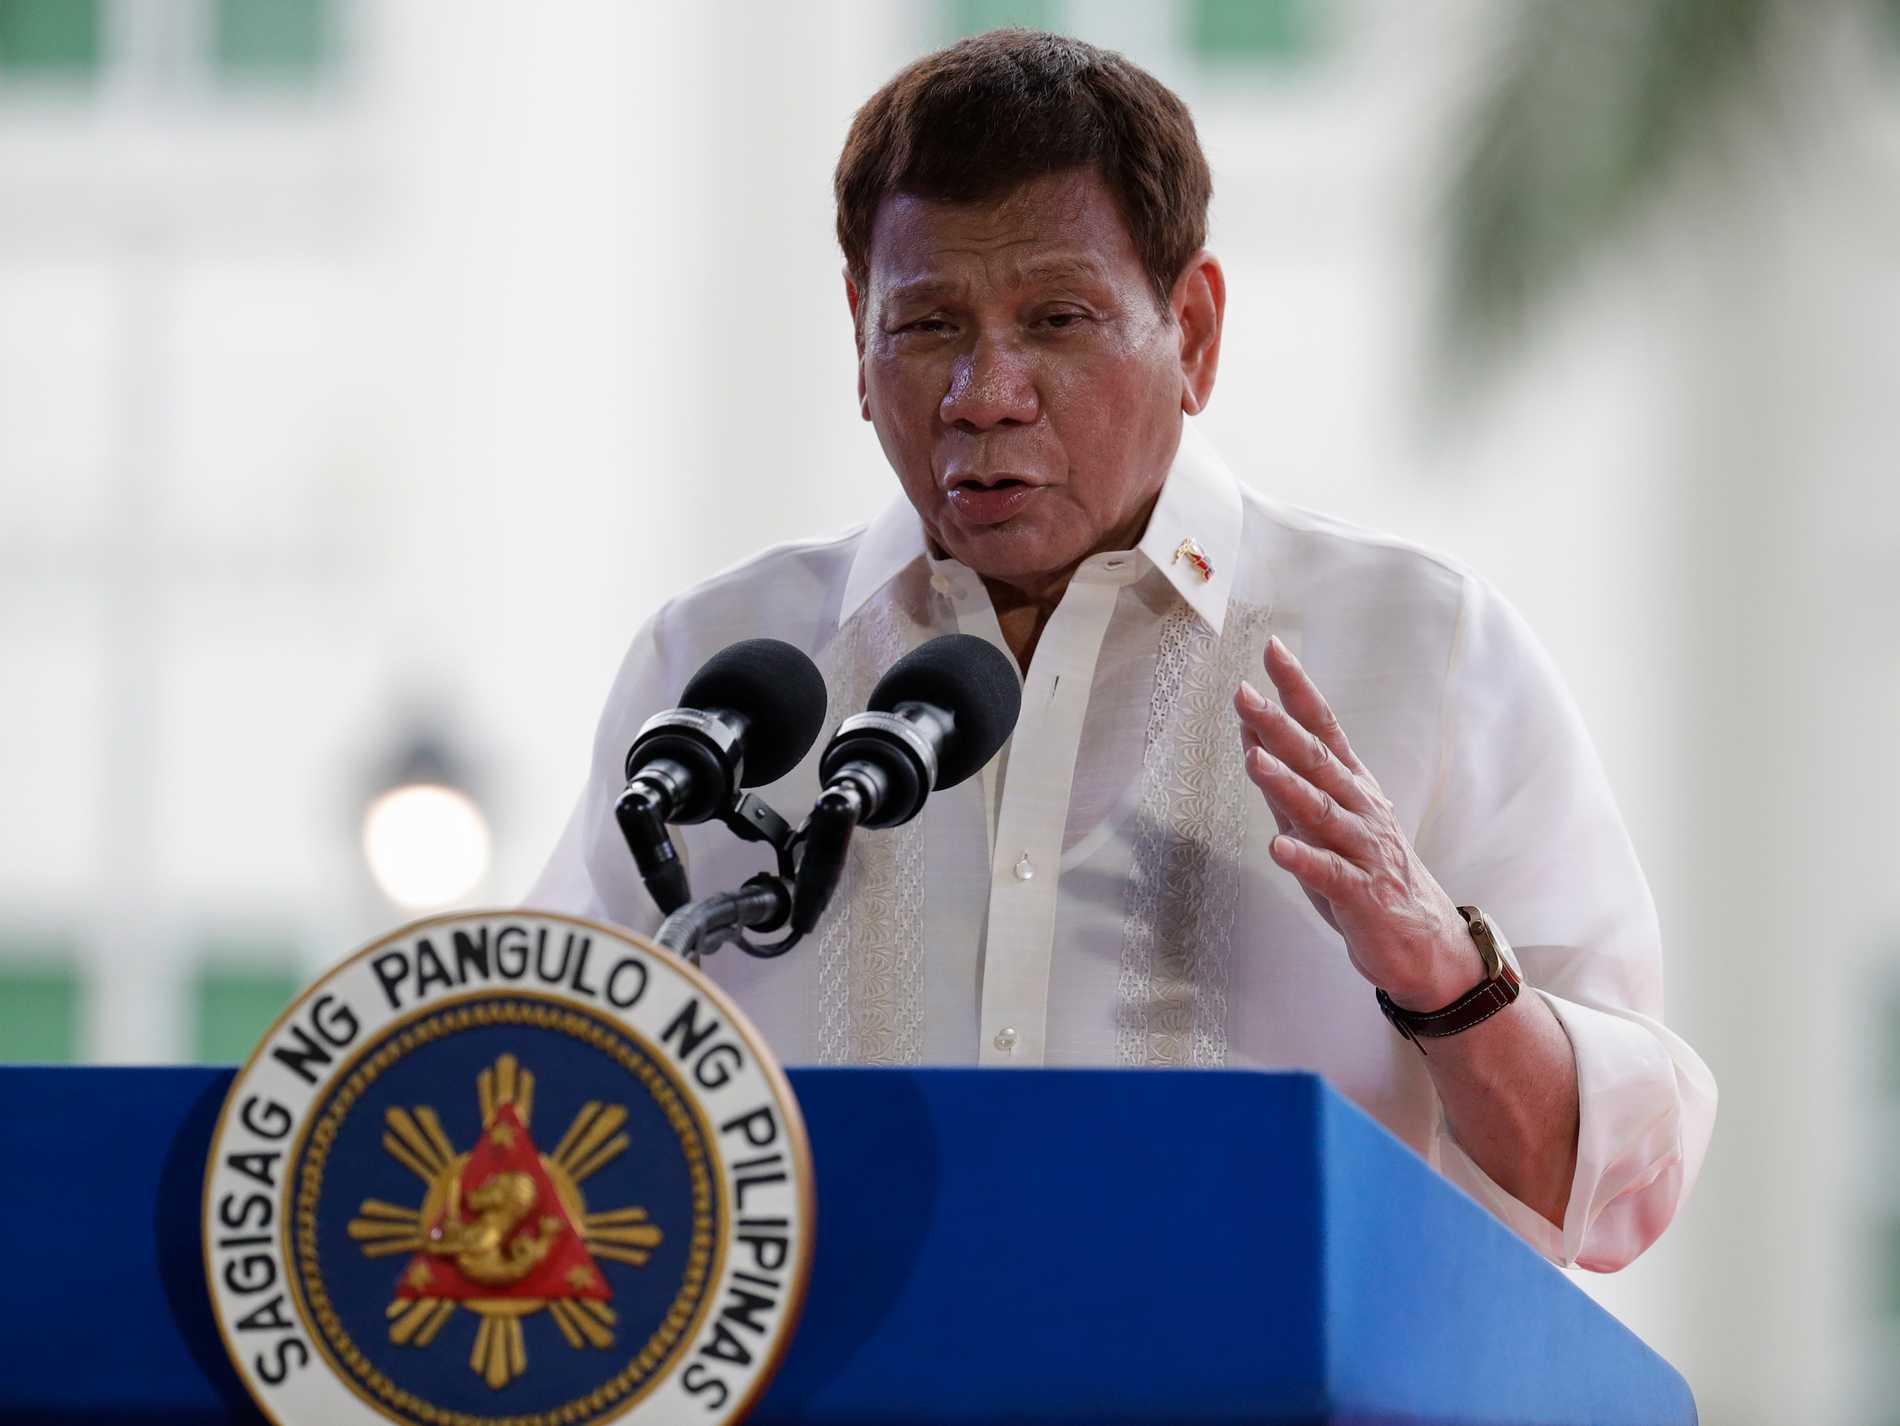 Filippinernas president Rodrigo Duterte irriterar sig på dem som inte vaccinerar sig mot covid-19. Arkivbild.